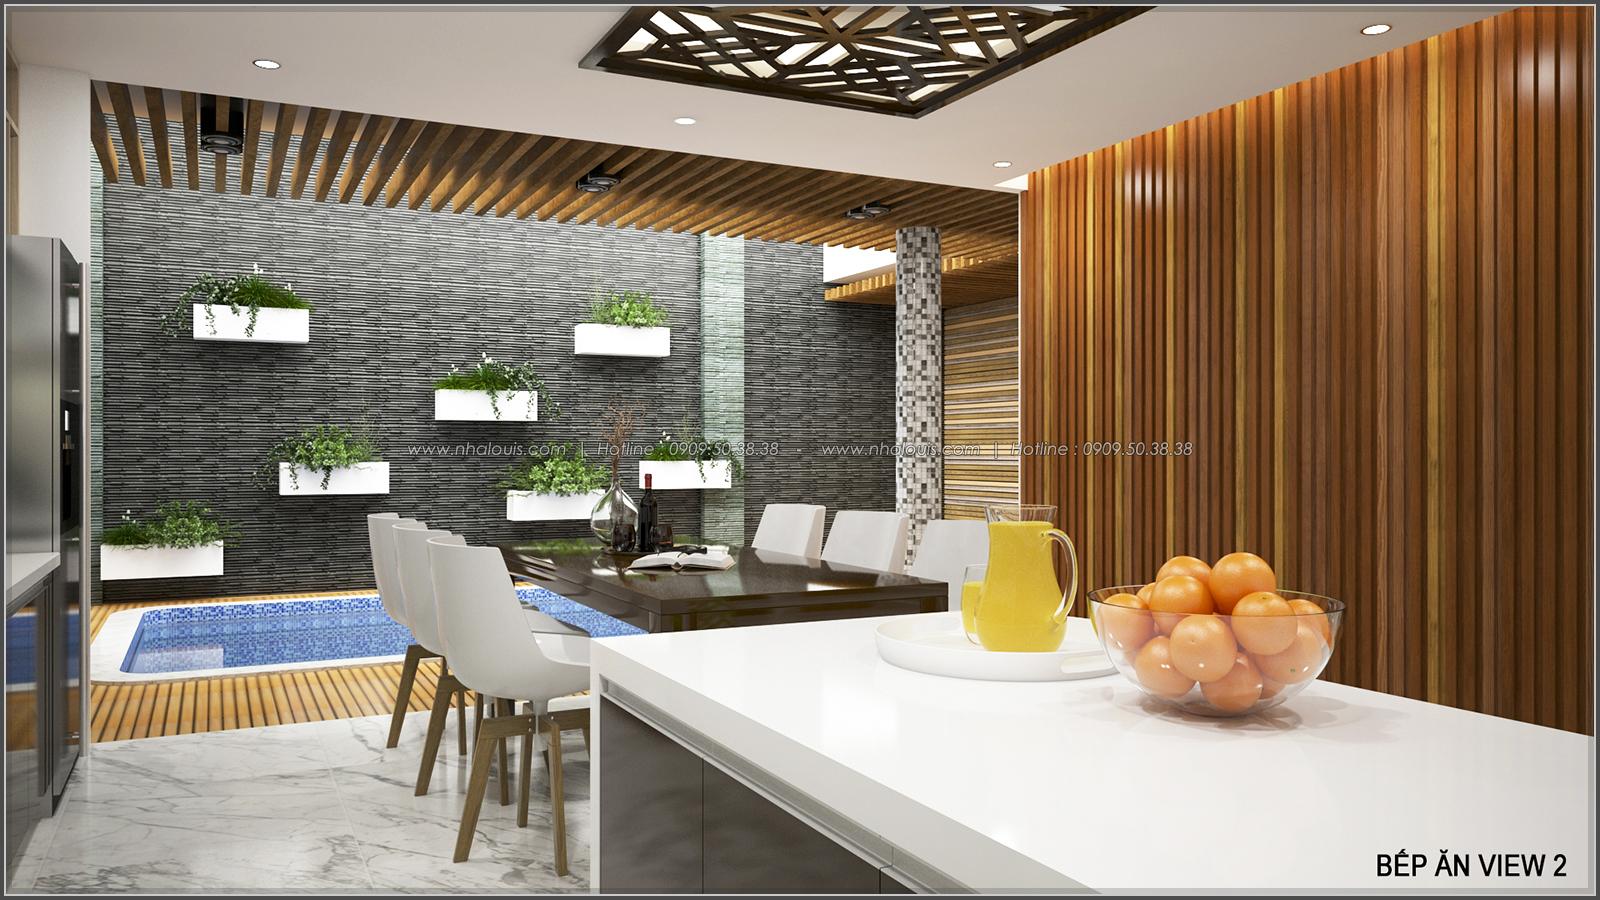 Thiết kế biệt thự có hồ bơi trong nhà ấn tượng tại quận Tân Bình - 7